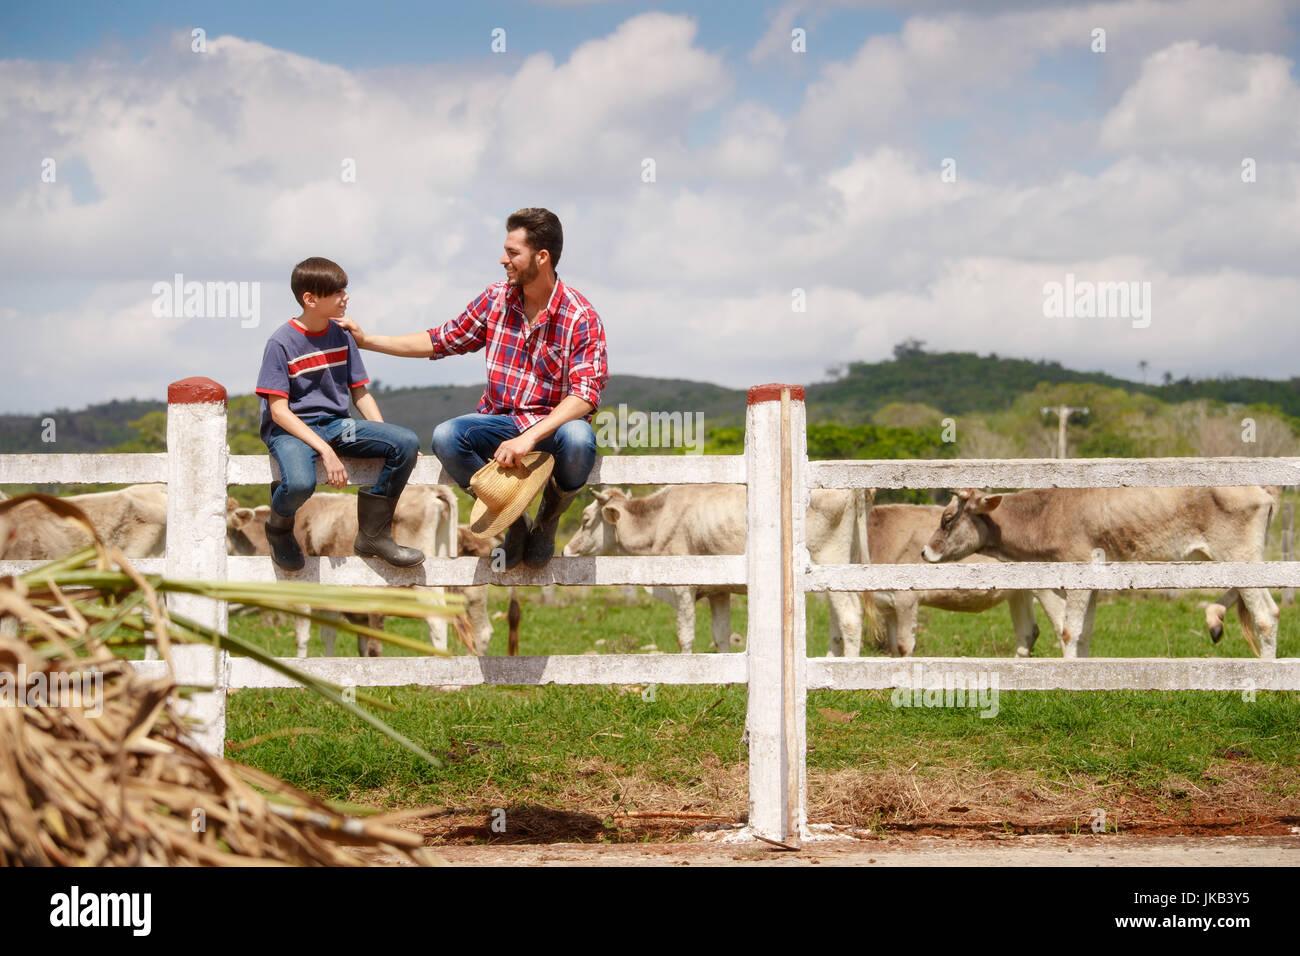 Alltag für Bauer mit Kühen auf dem Lande. Bauer arbeiten mit Tieren in Ranch der Familie Land in Südamerika. Stockbild